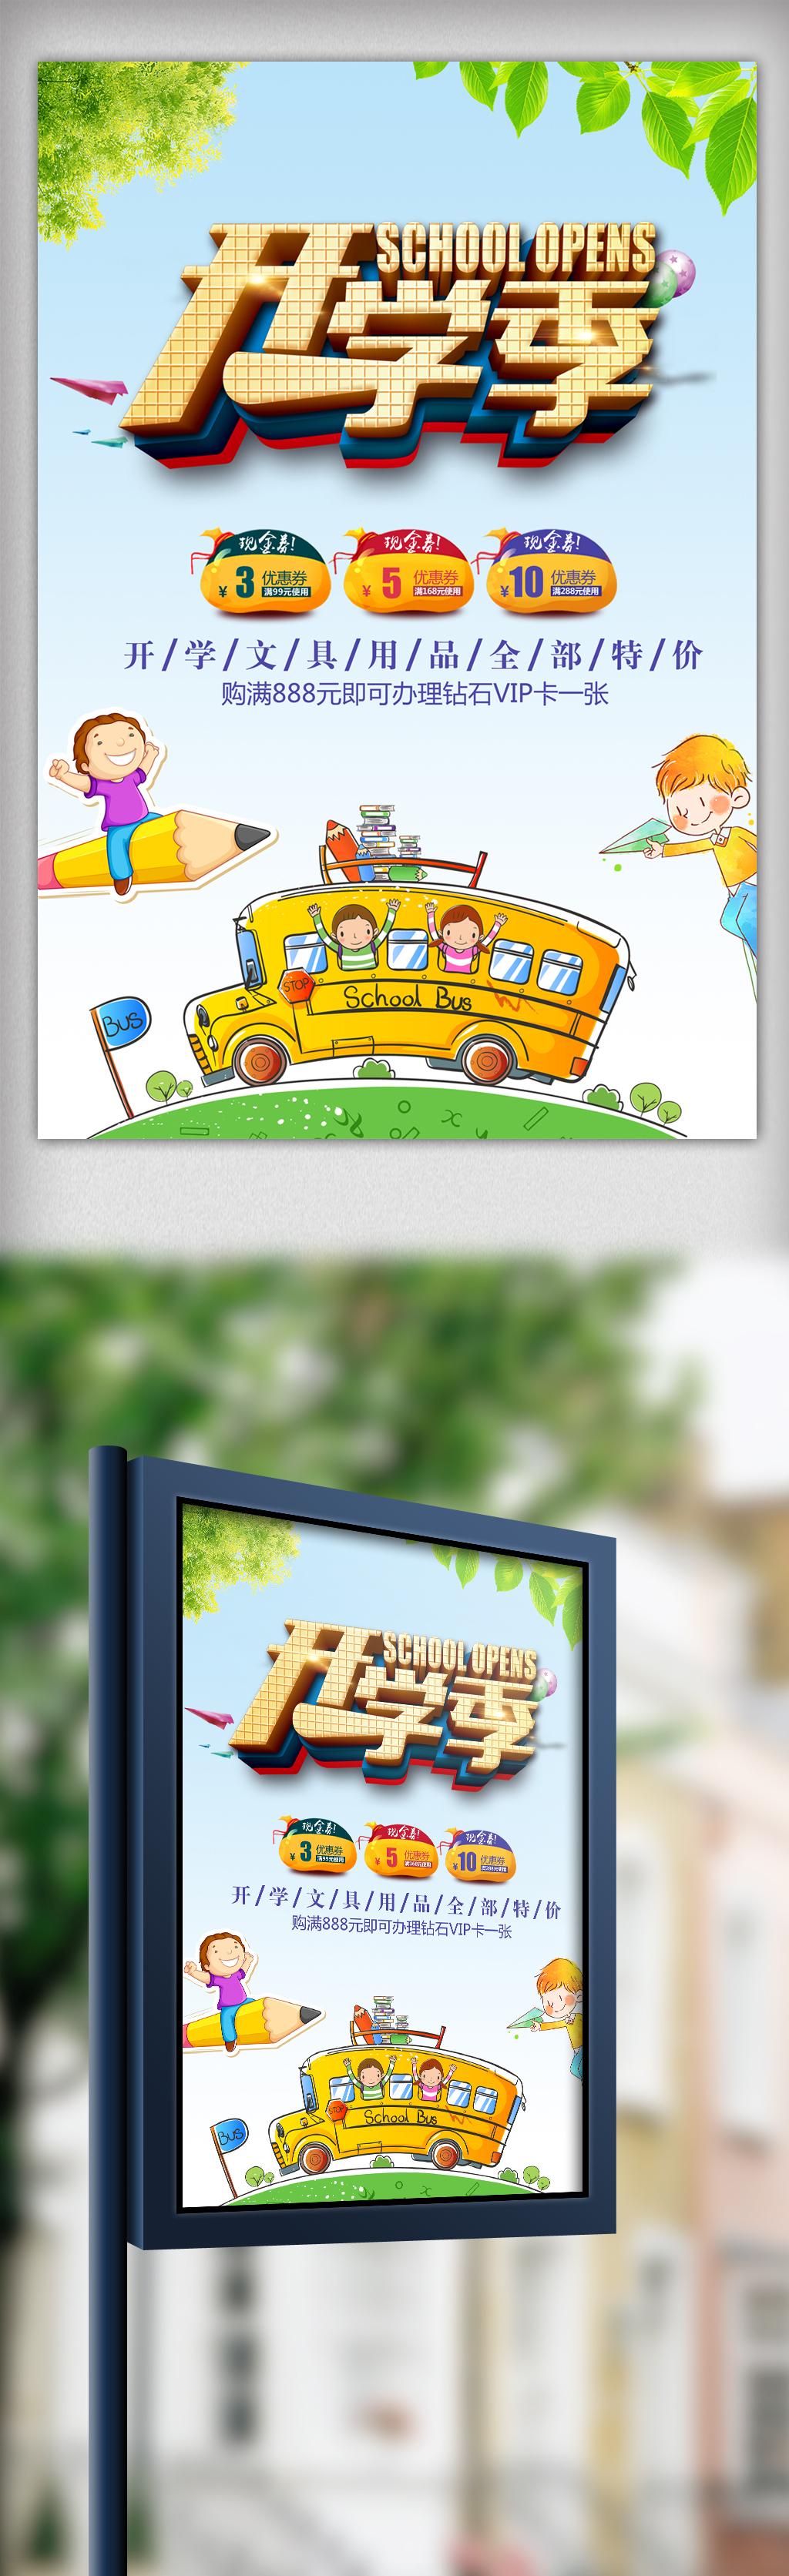 平面 广告设计 海报设计 pop海报 > 简约开学季促销海报设计   图片